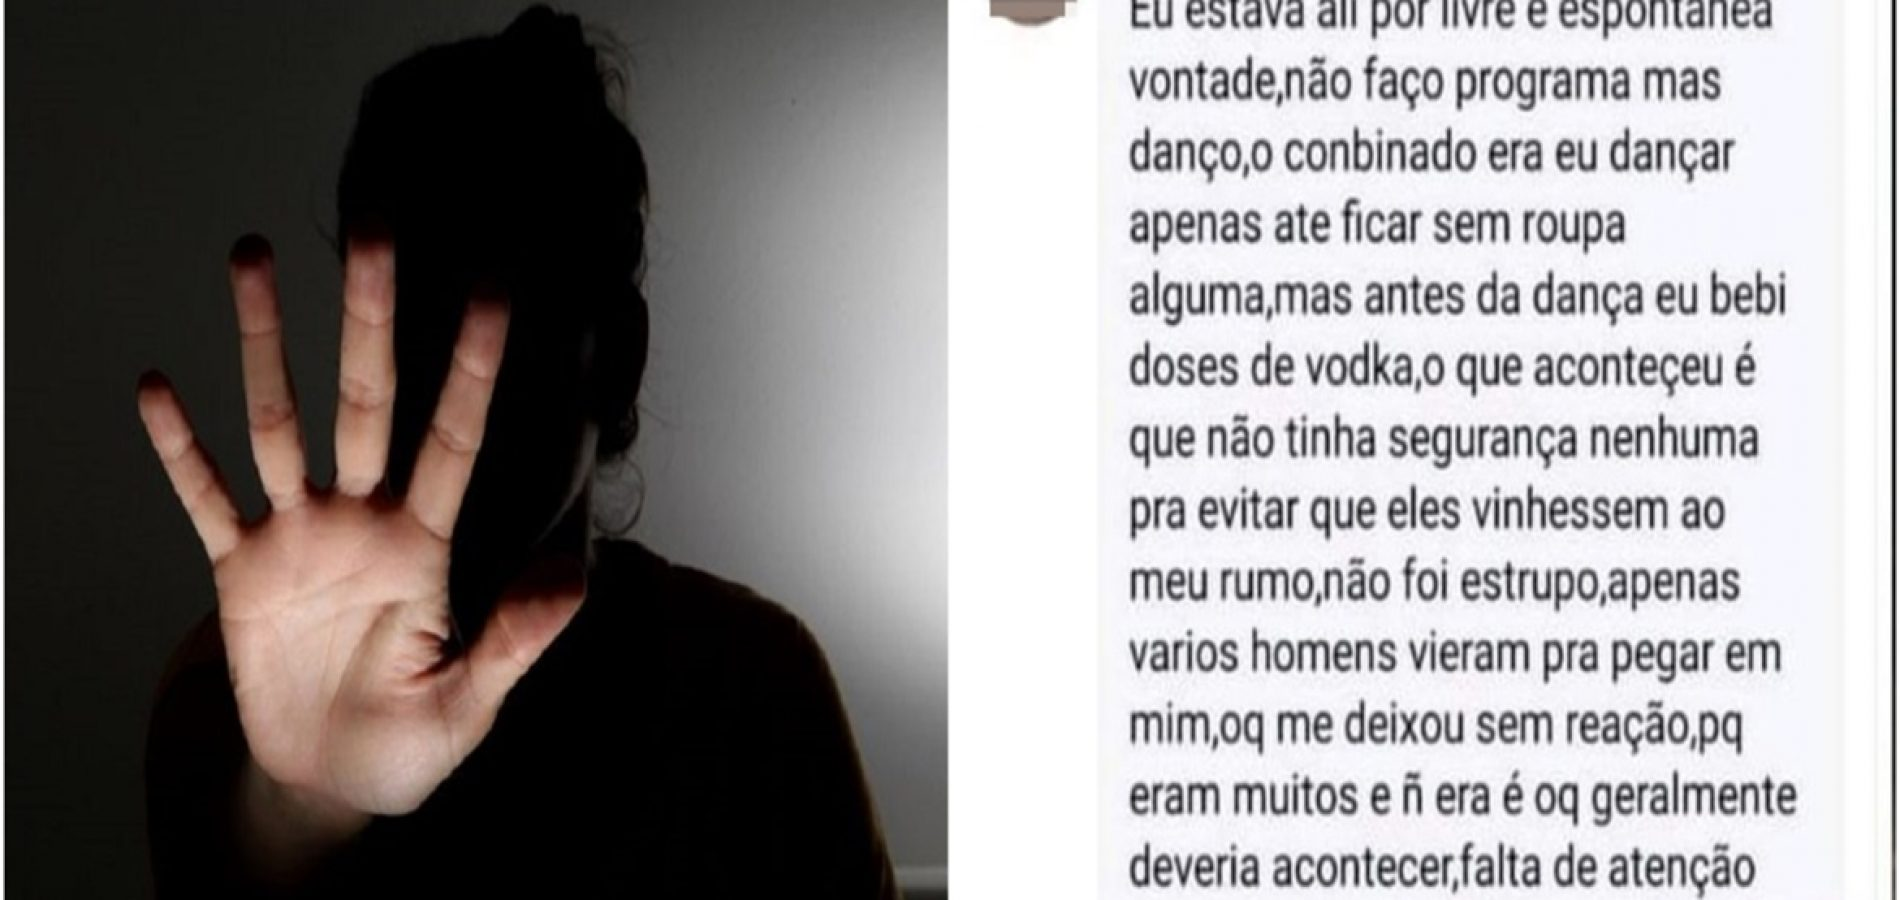 Delegacia da Mulher investiga suposto estupro coletivo contra dançarina de strip-tease no Piauí